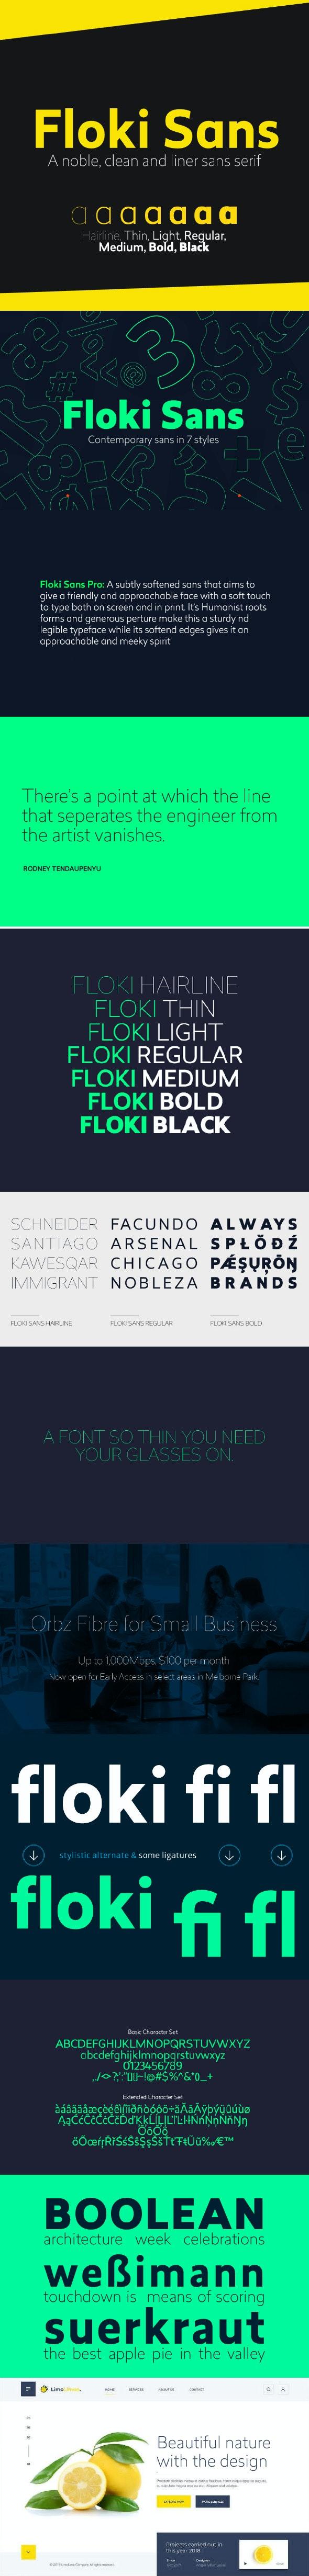 Floki Sans Pro Font (7 Weights) - Sans-Serif Fonts